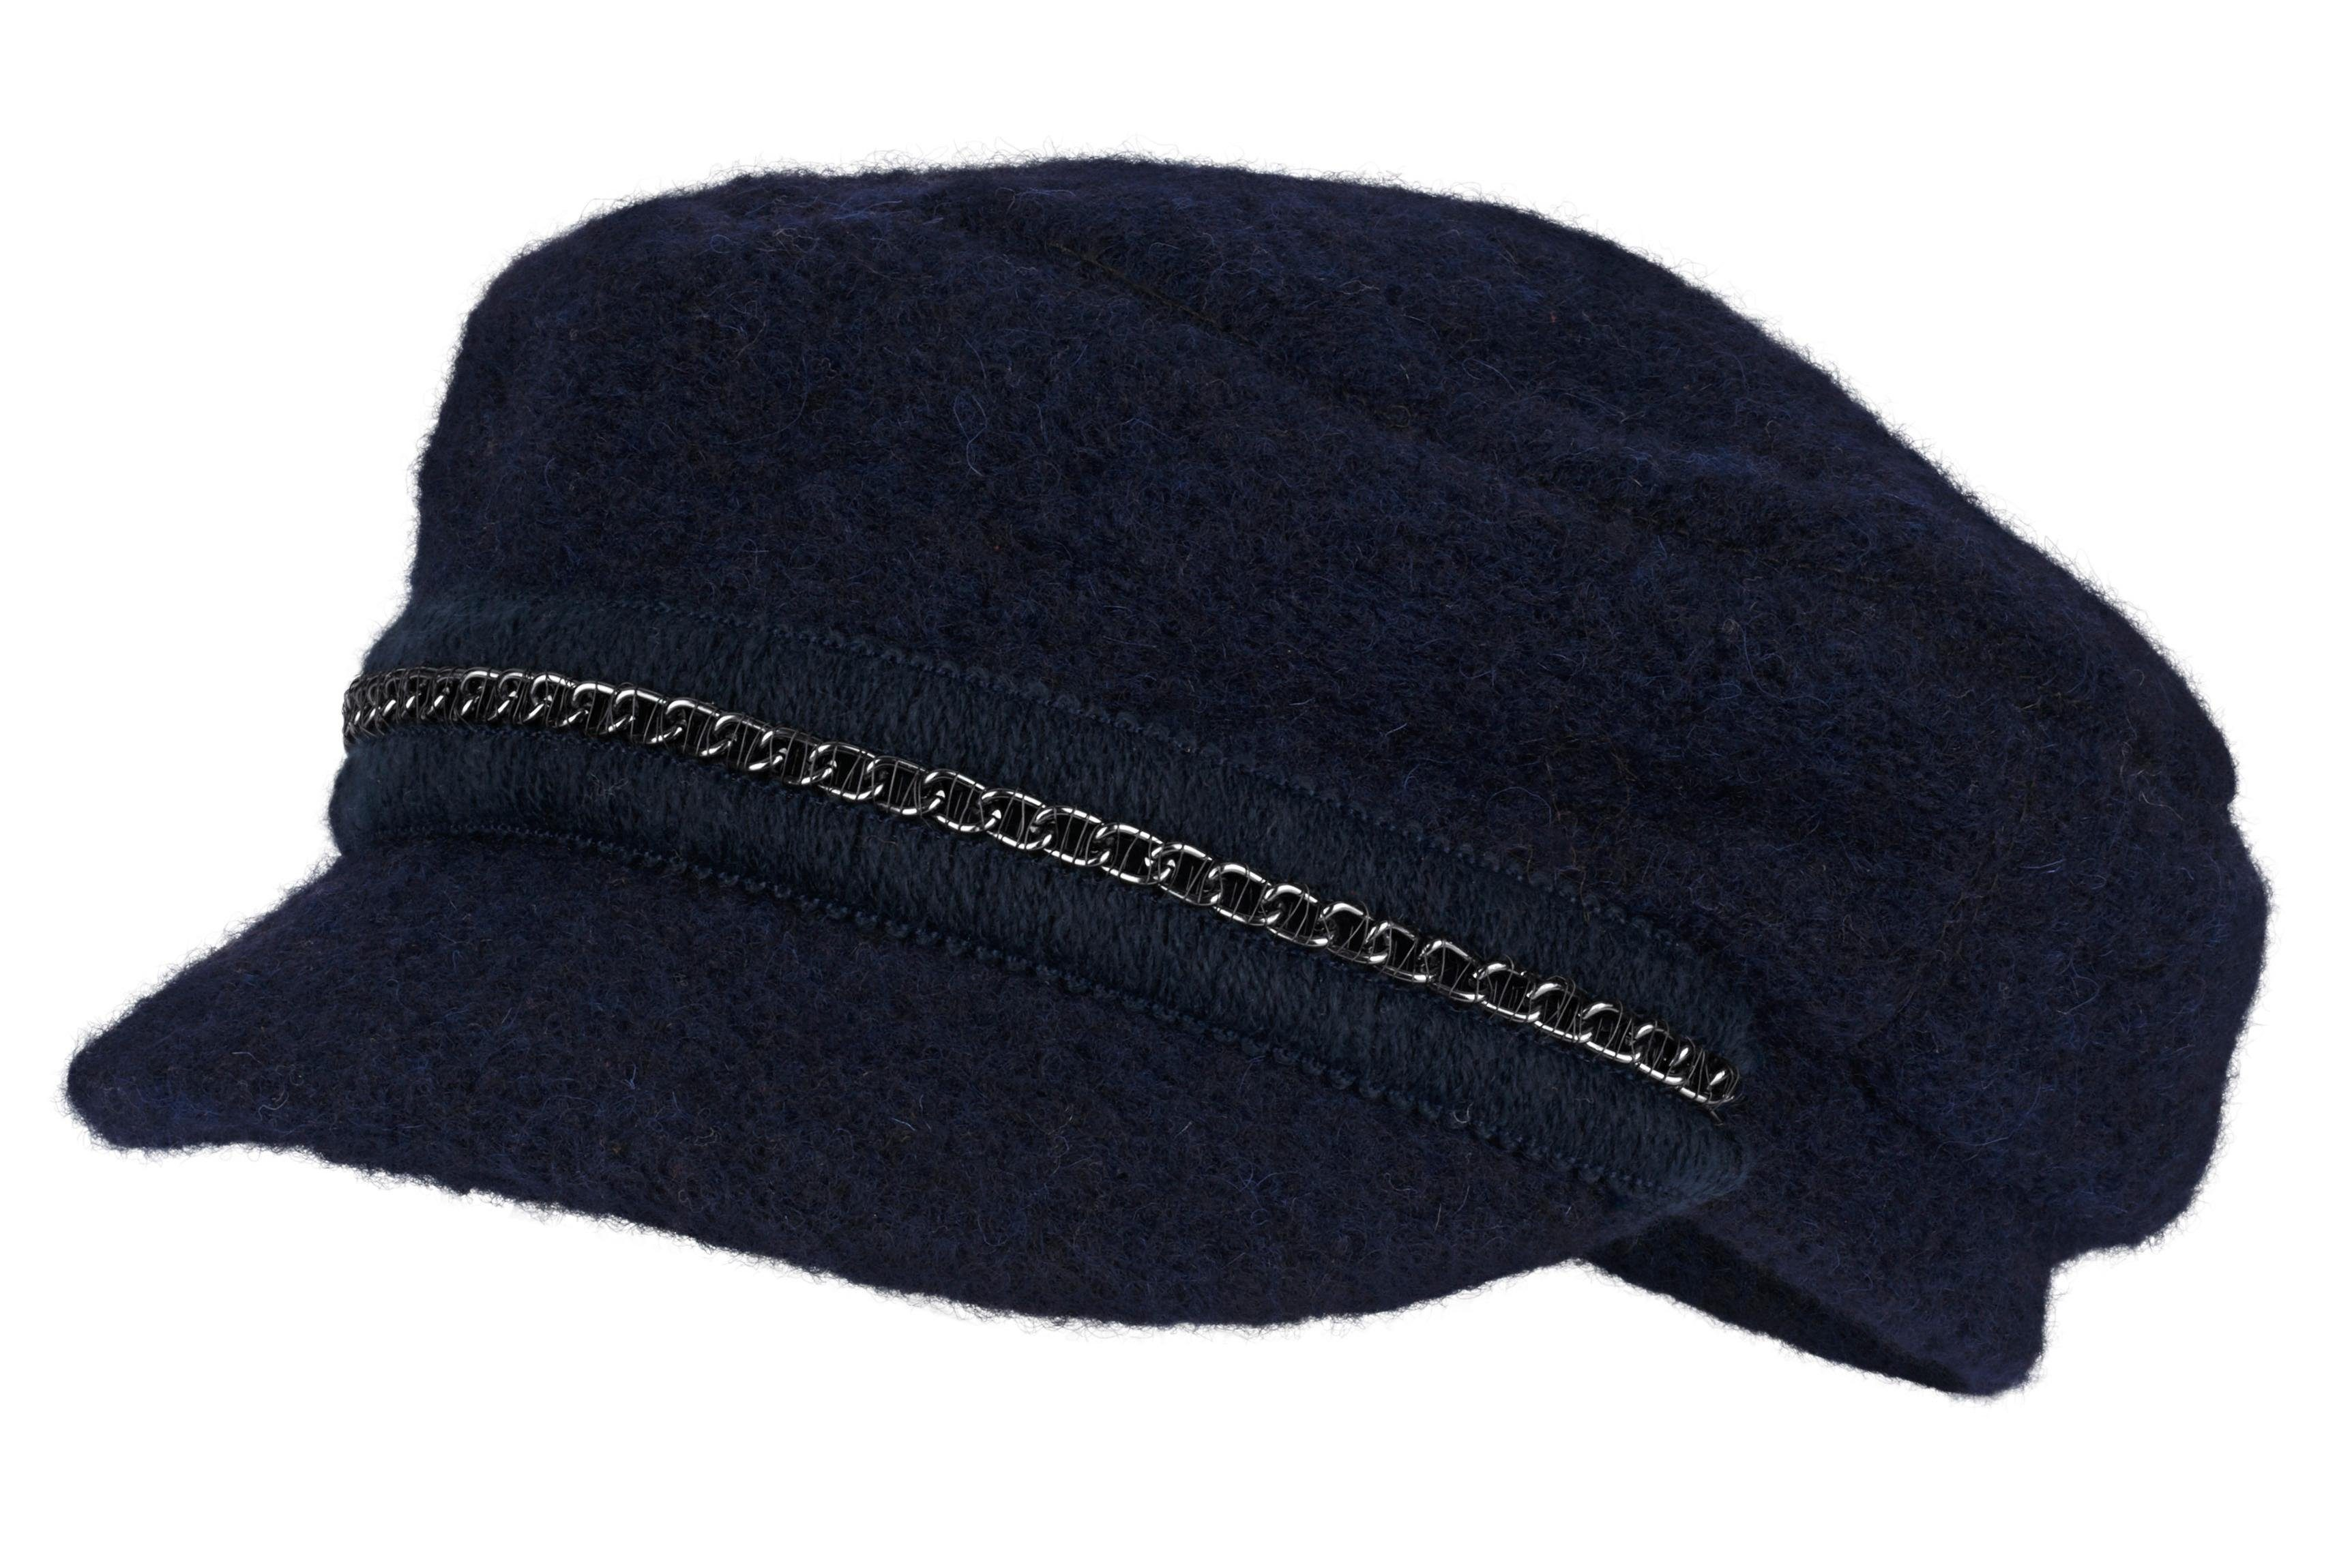 Loevenich Mütze mit Kettenband